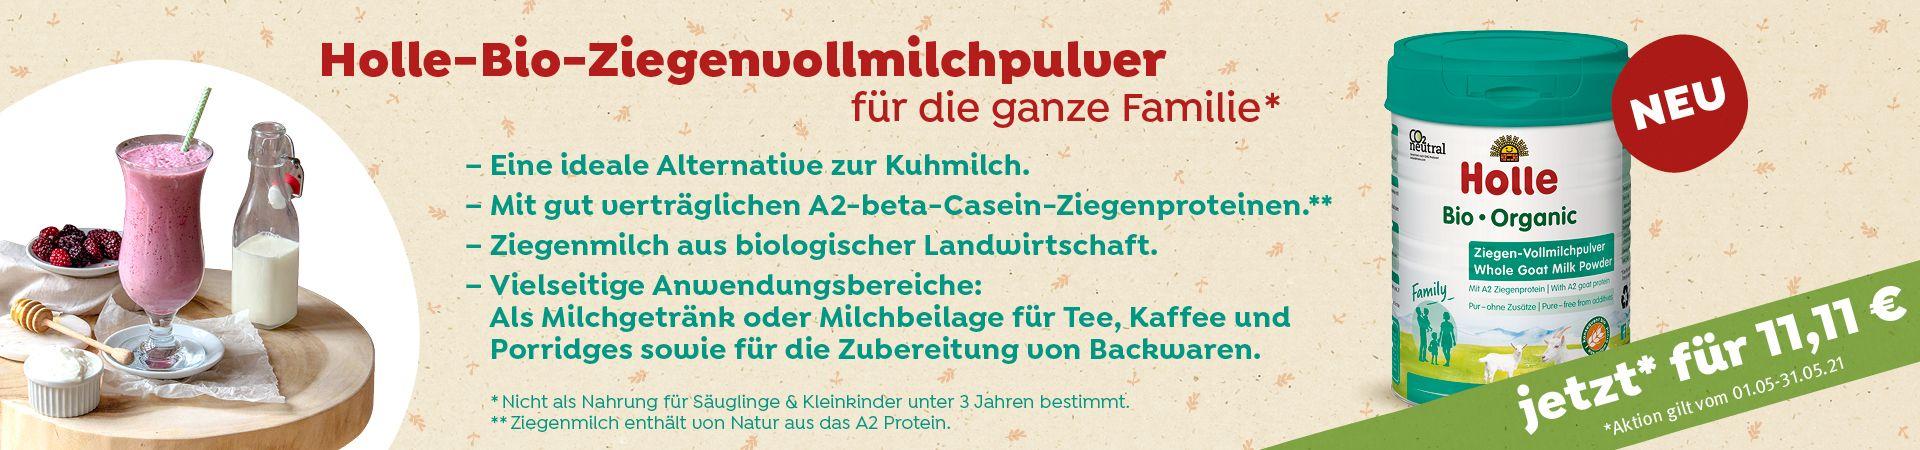 Aktion: Bio-Ziegen-Vollmilchpulver für die ganze Familie (400g) für 11,11 €